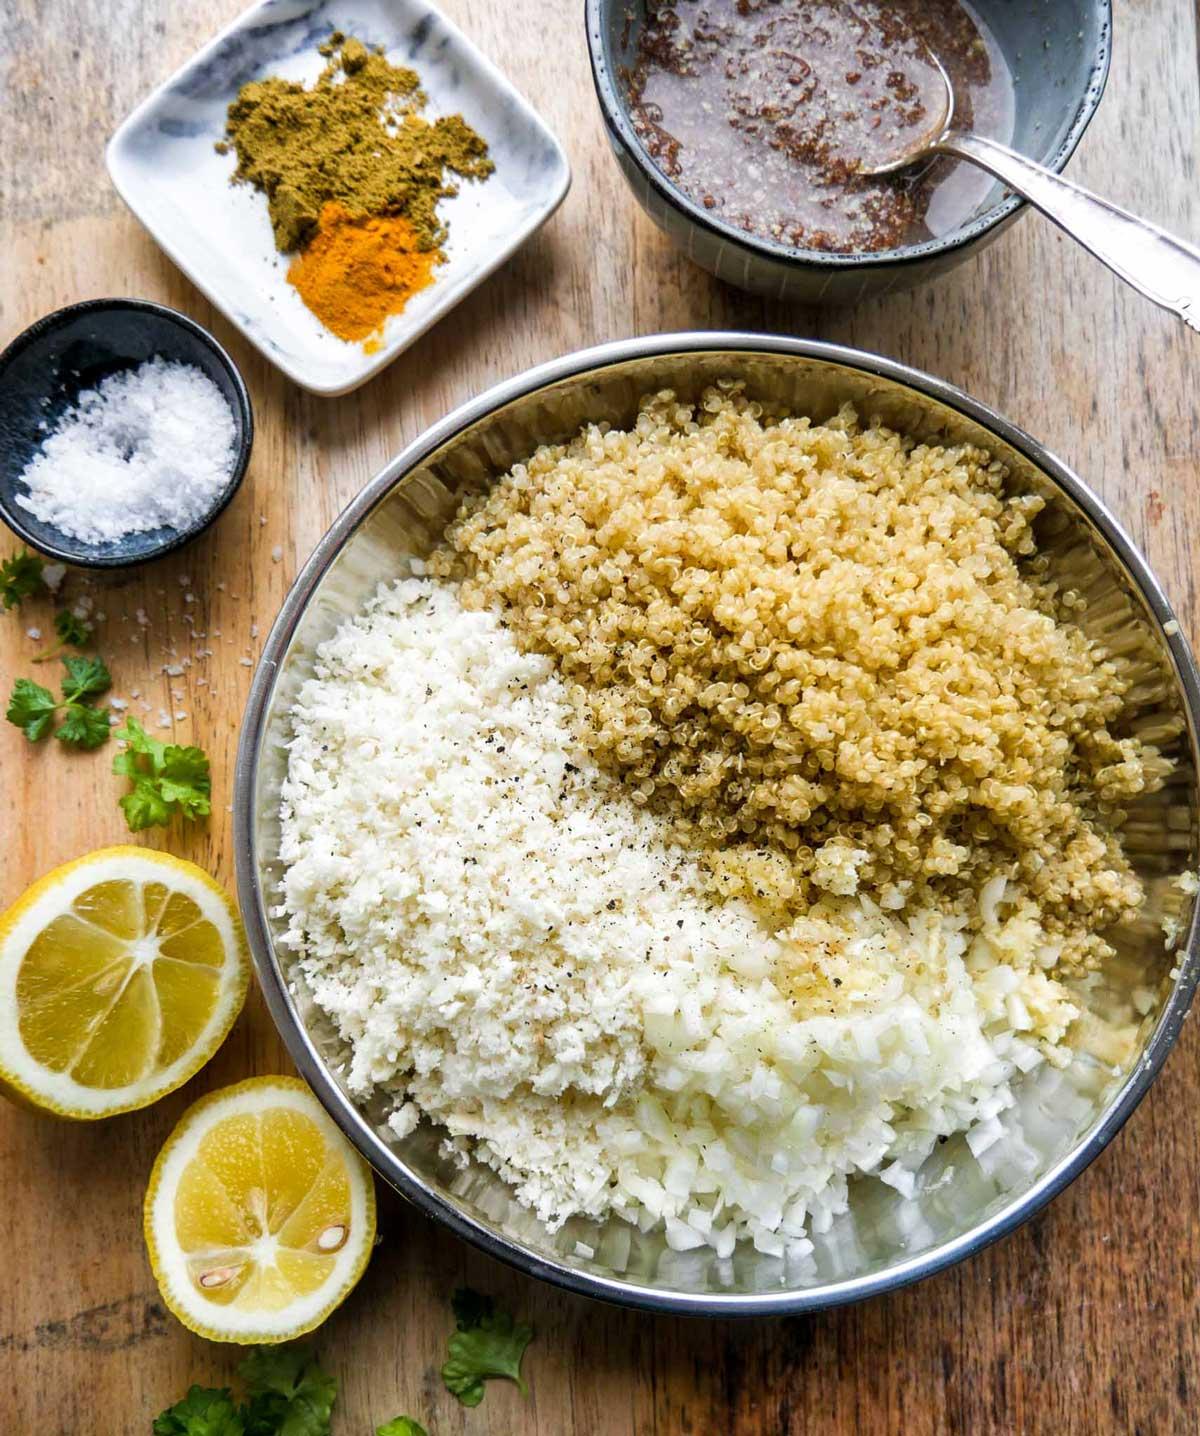 blomkålsris og quinoa og krydderier